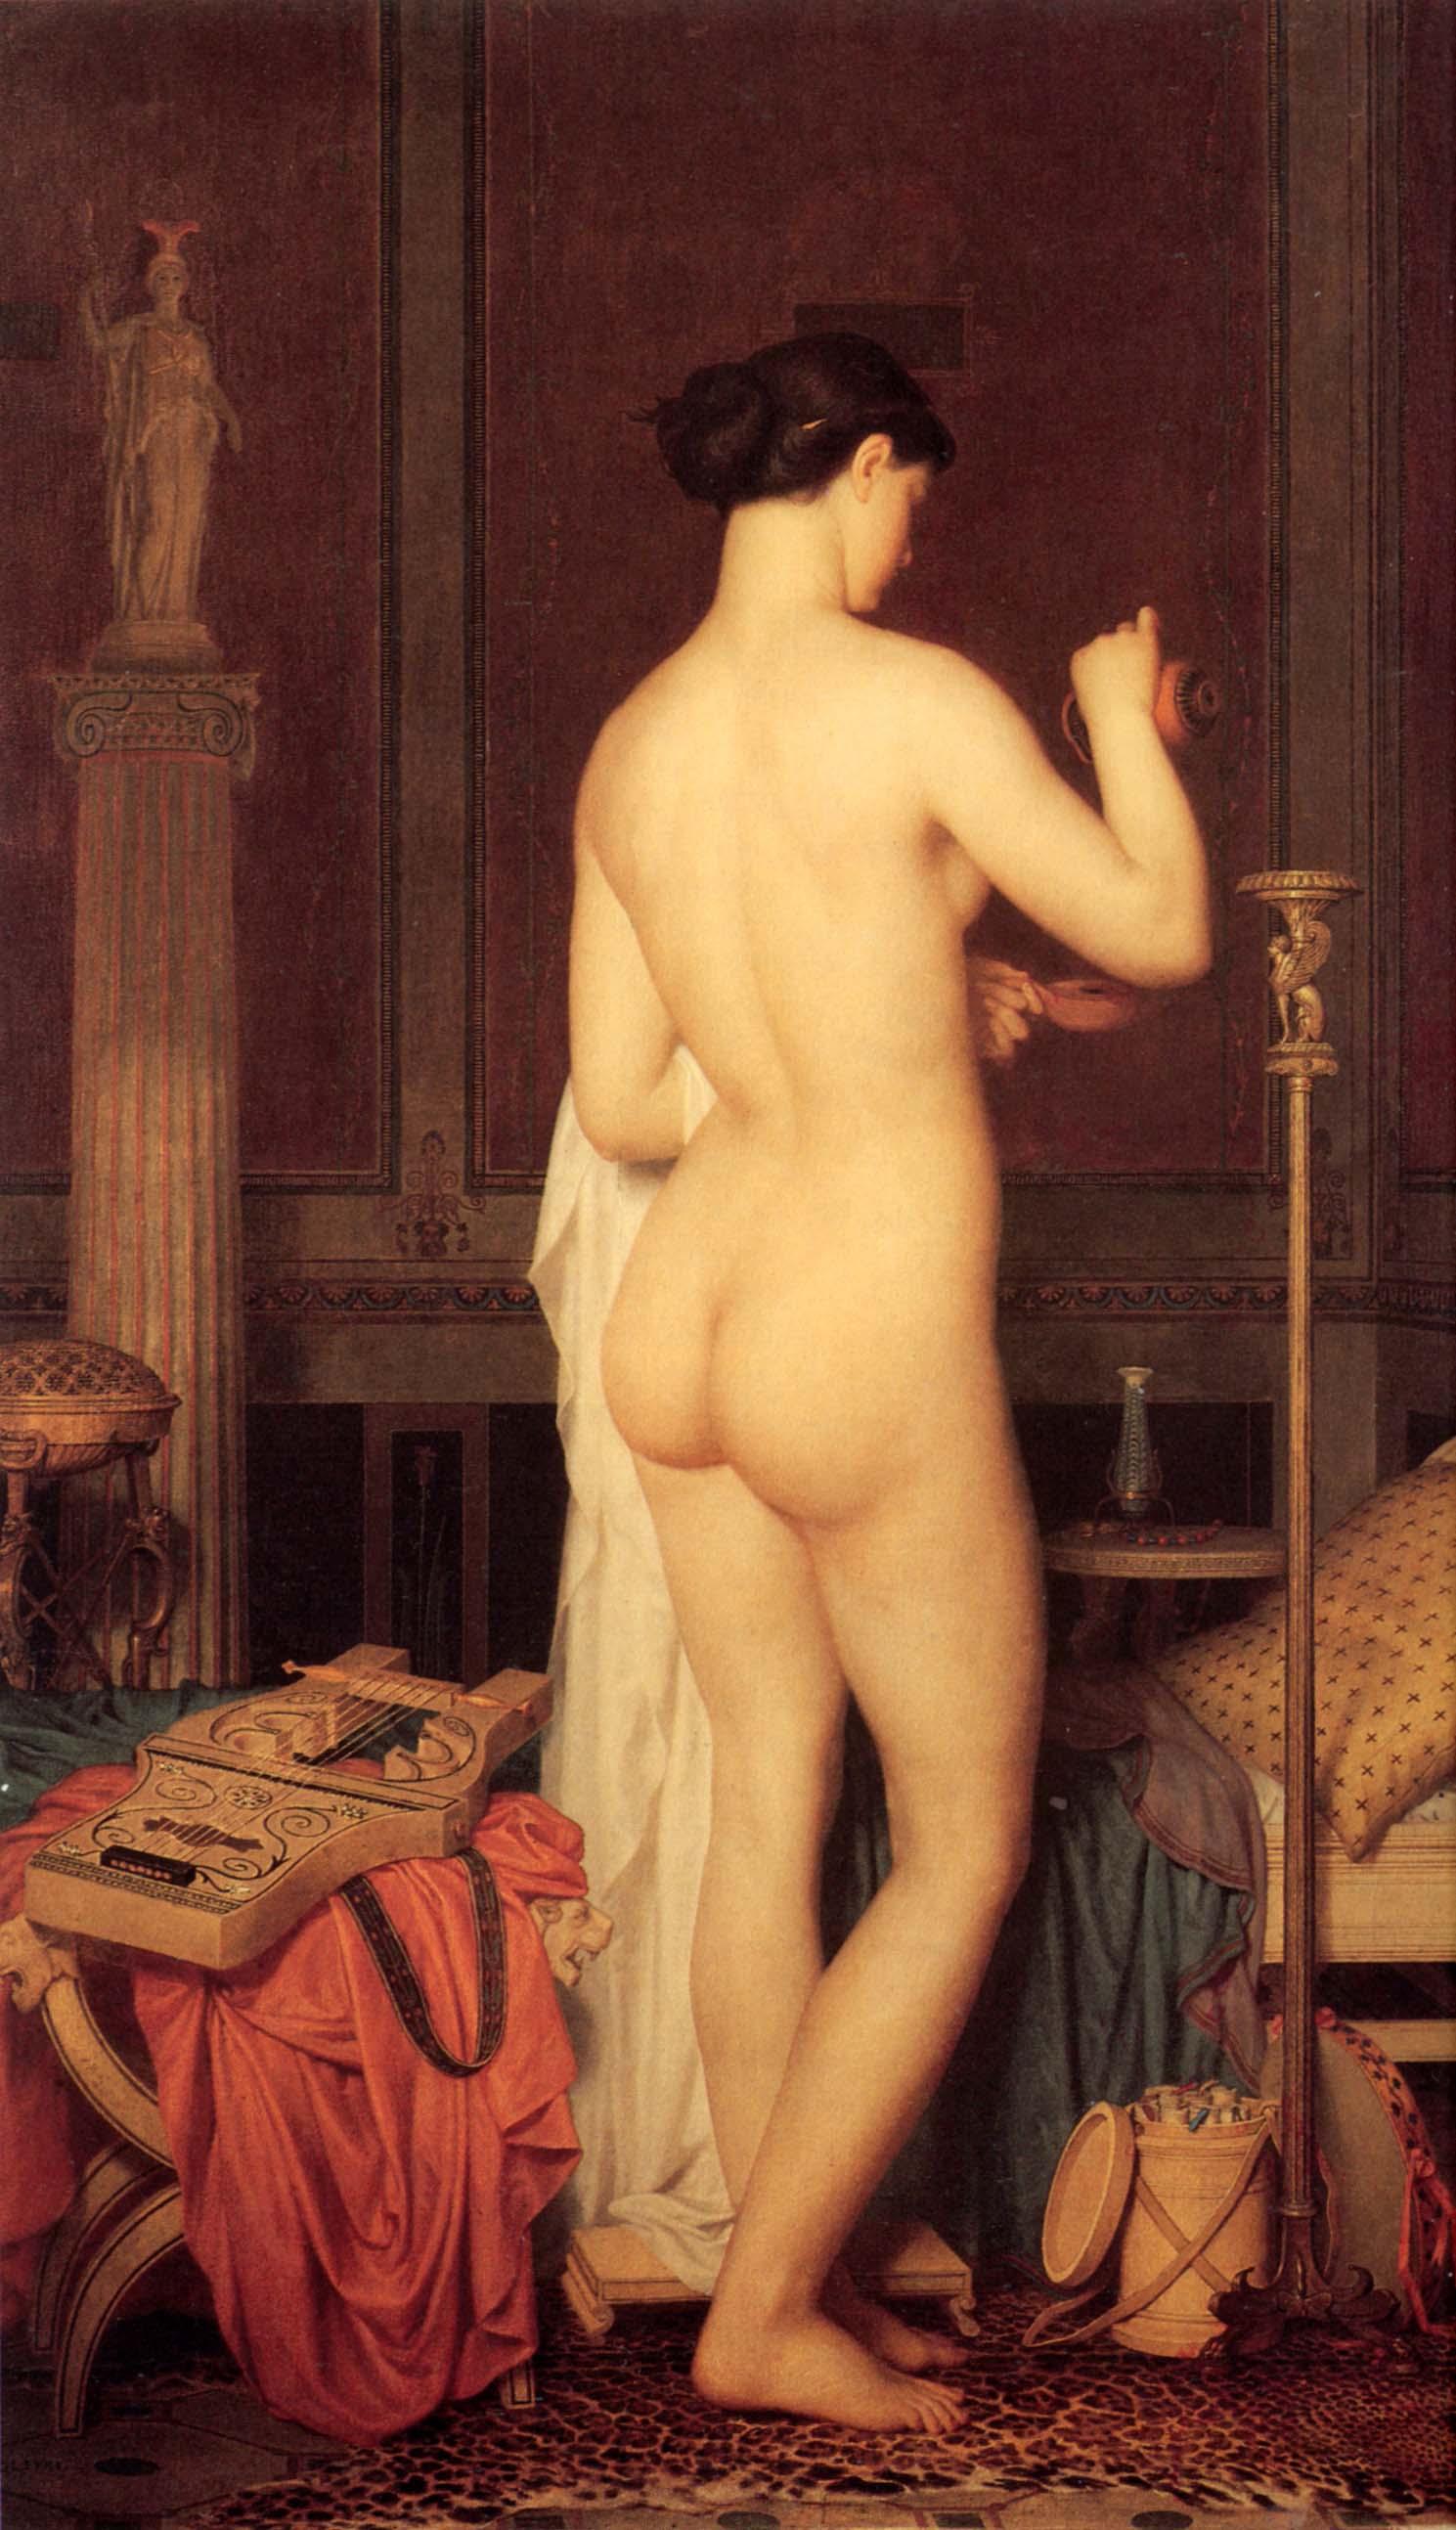 Marc-Charles-Gabriel Gleyre, Le coucher de Sappho, 1867, Musée cantonal des Beaux-Arts, Lausanne